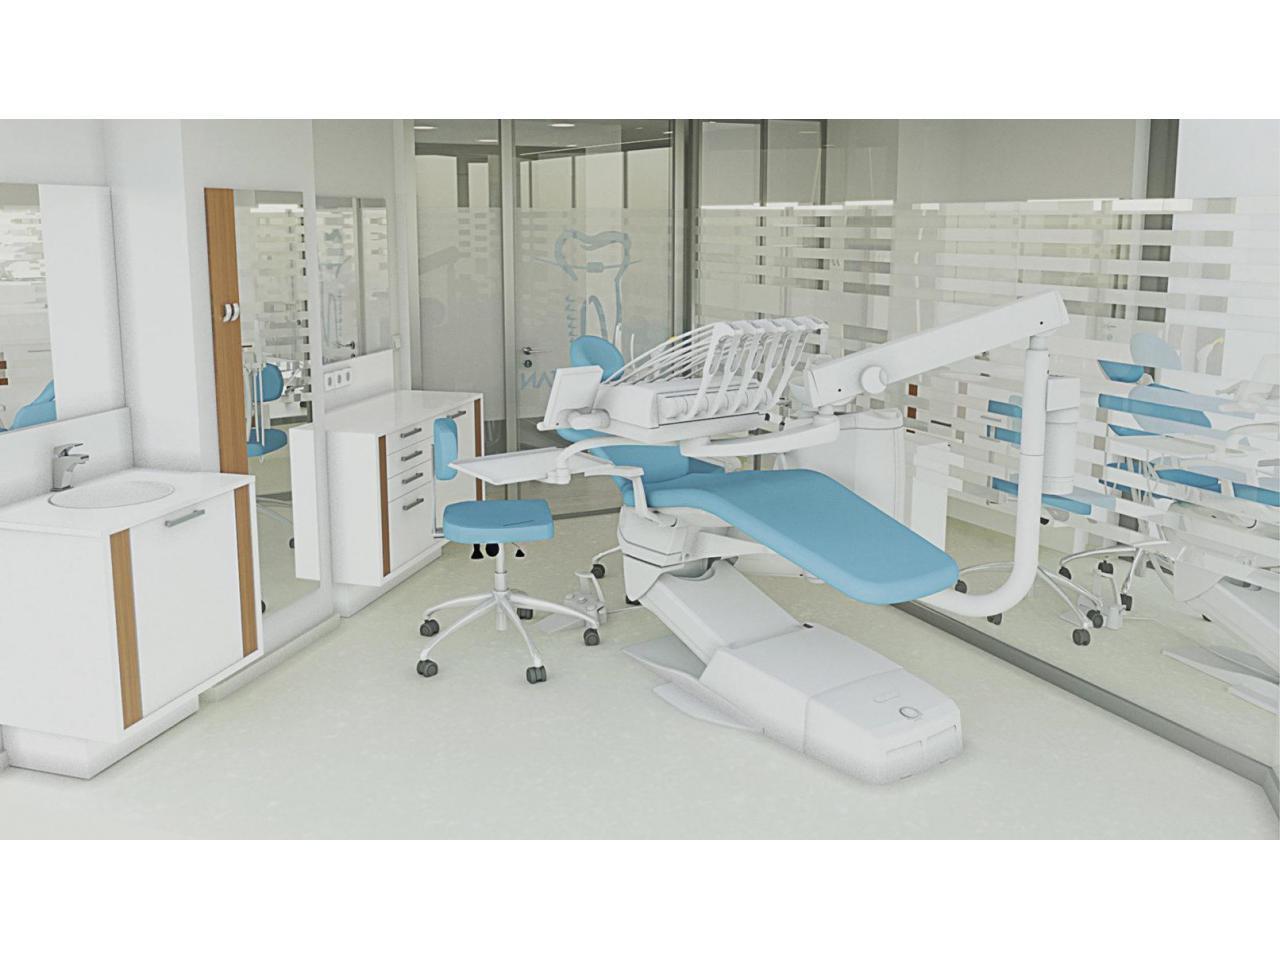 Турция! Отдых и Лечение! Стоматологические/Эстетические услуги в клиниках Стамбула - 4